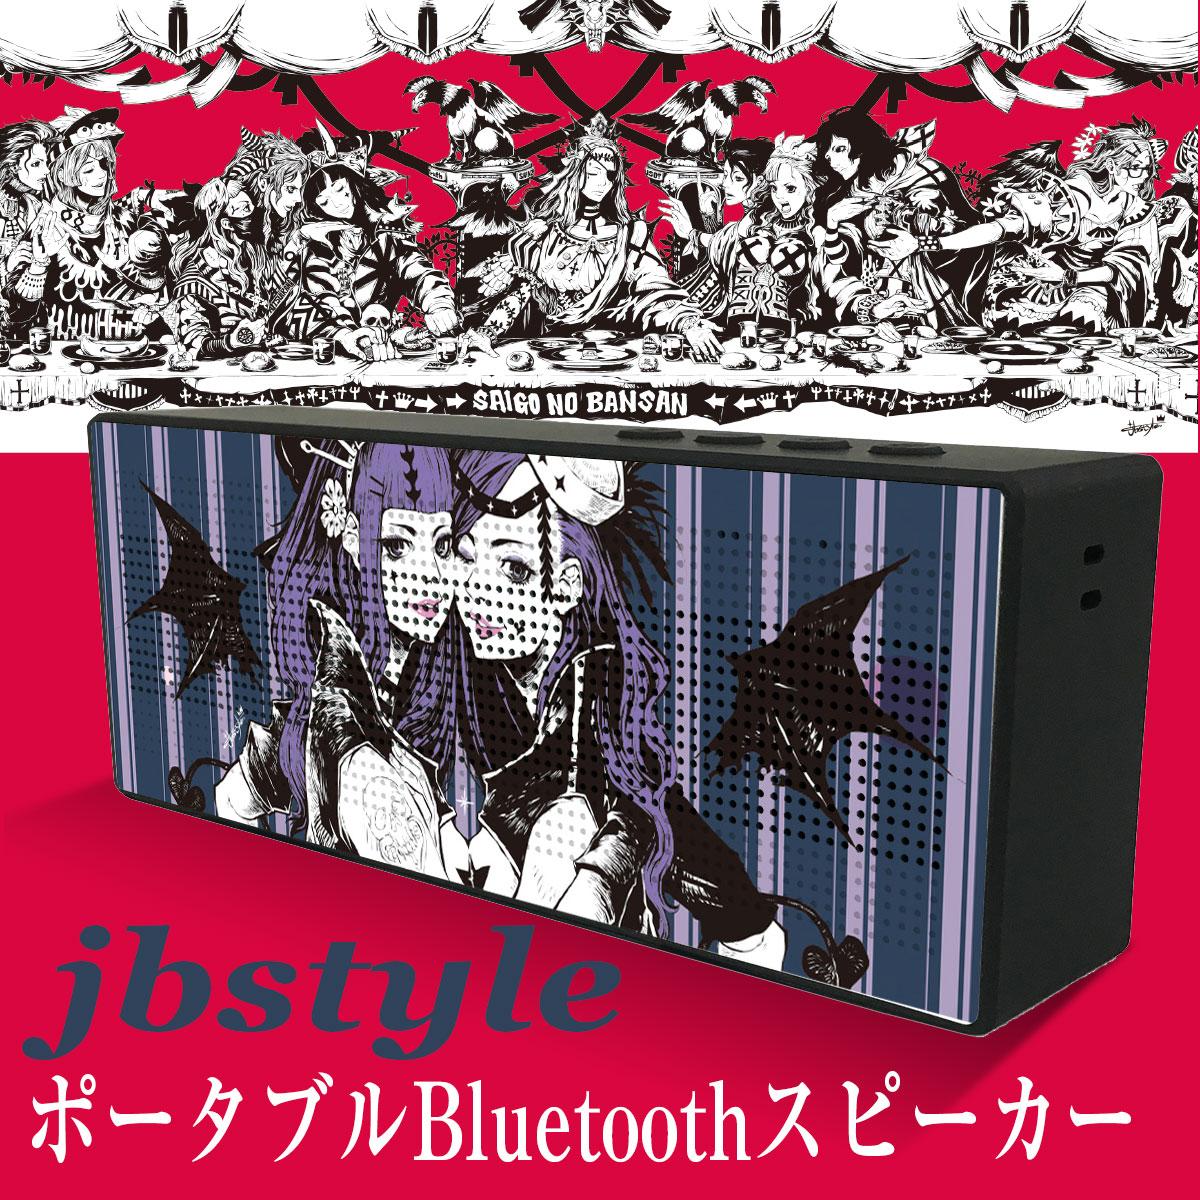 スピーカー Bluetooth 高音質 ブルートゥース スピーカー大音量 ワイヤレス スピーカー ポータブル iPhone Android jbstyle sp01-011